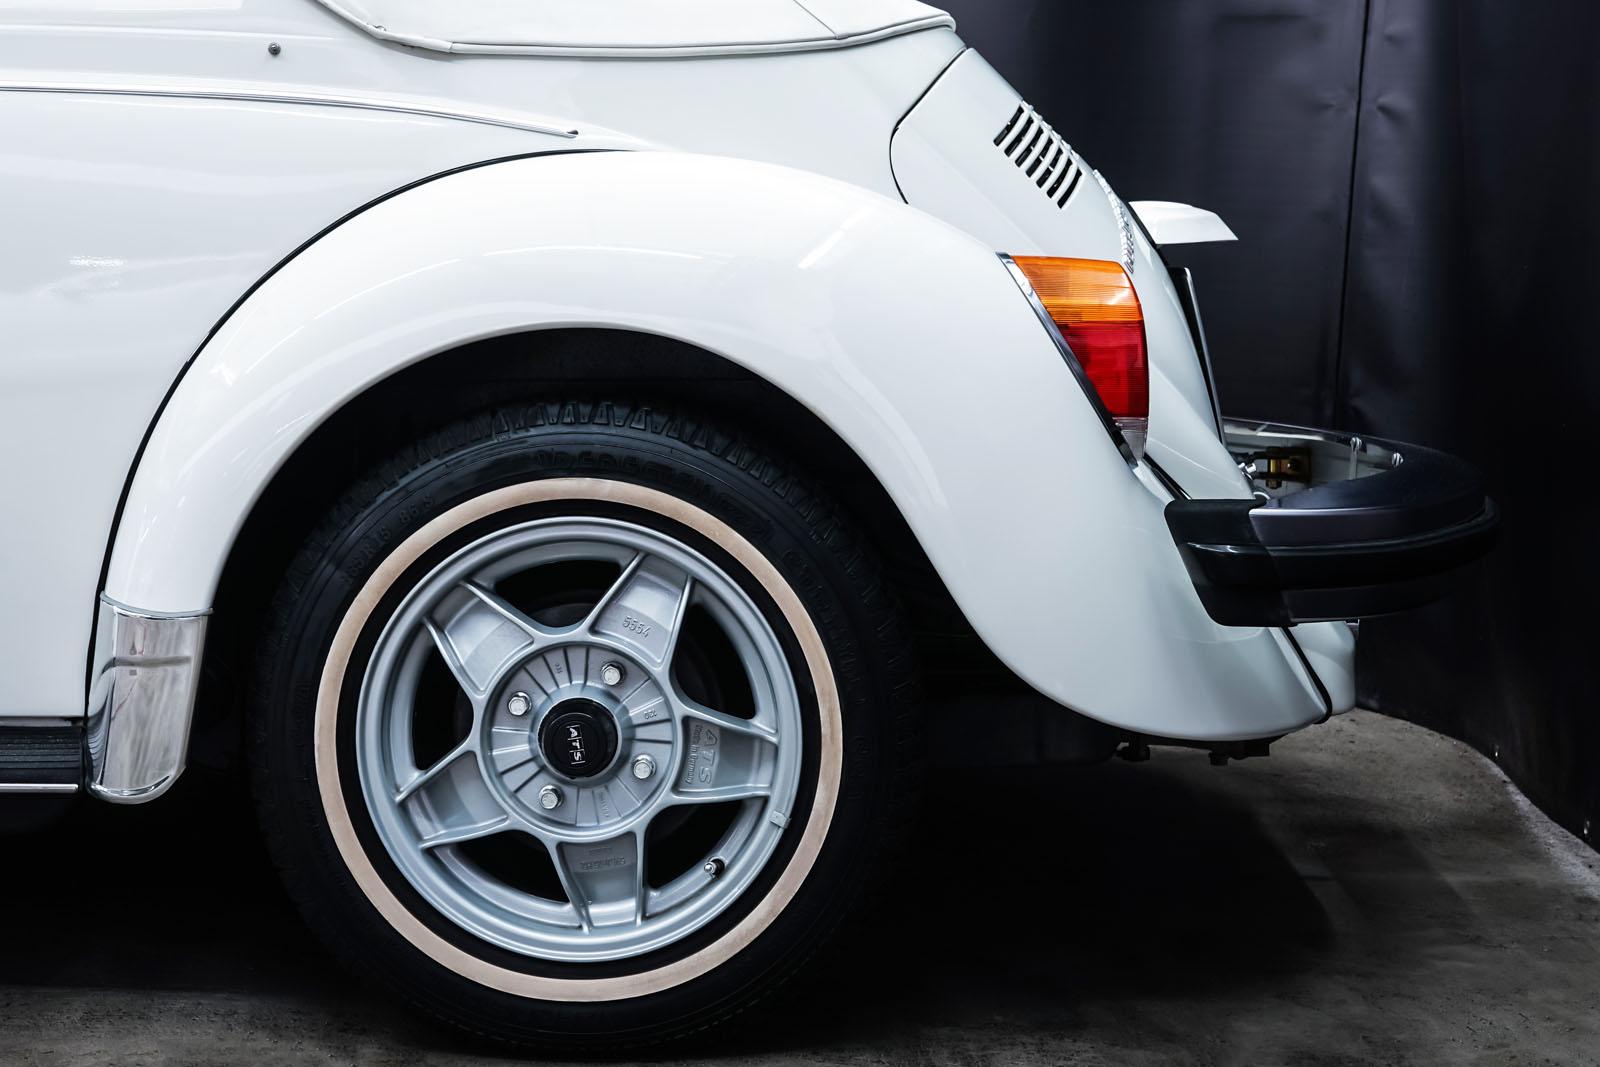 VW_Käfer_Cabrio_Weiß_Weiß_VW-3481_4_w